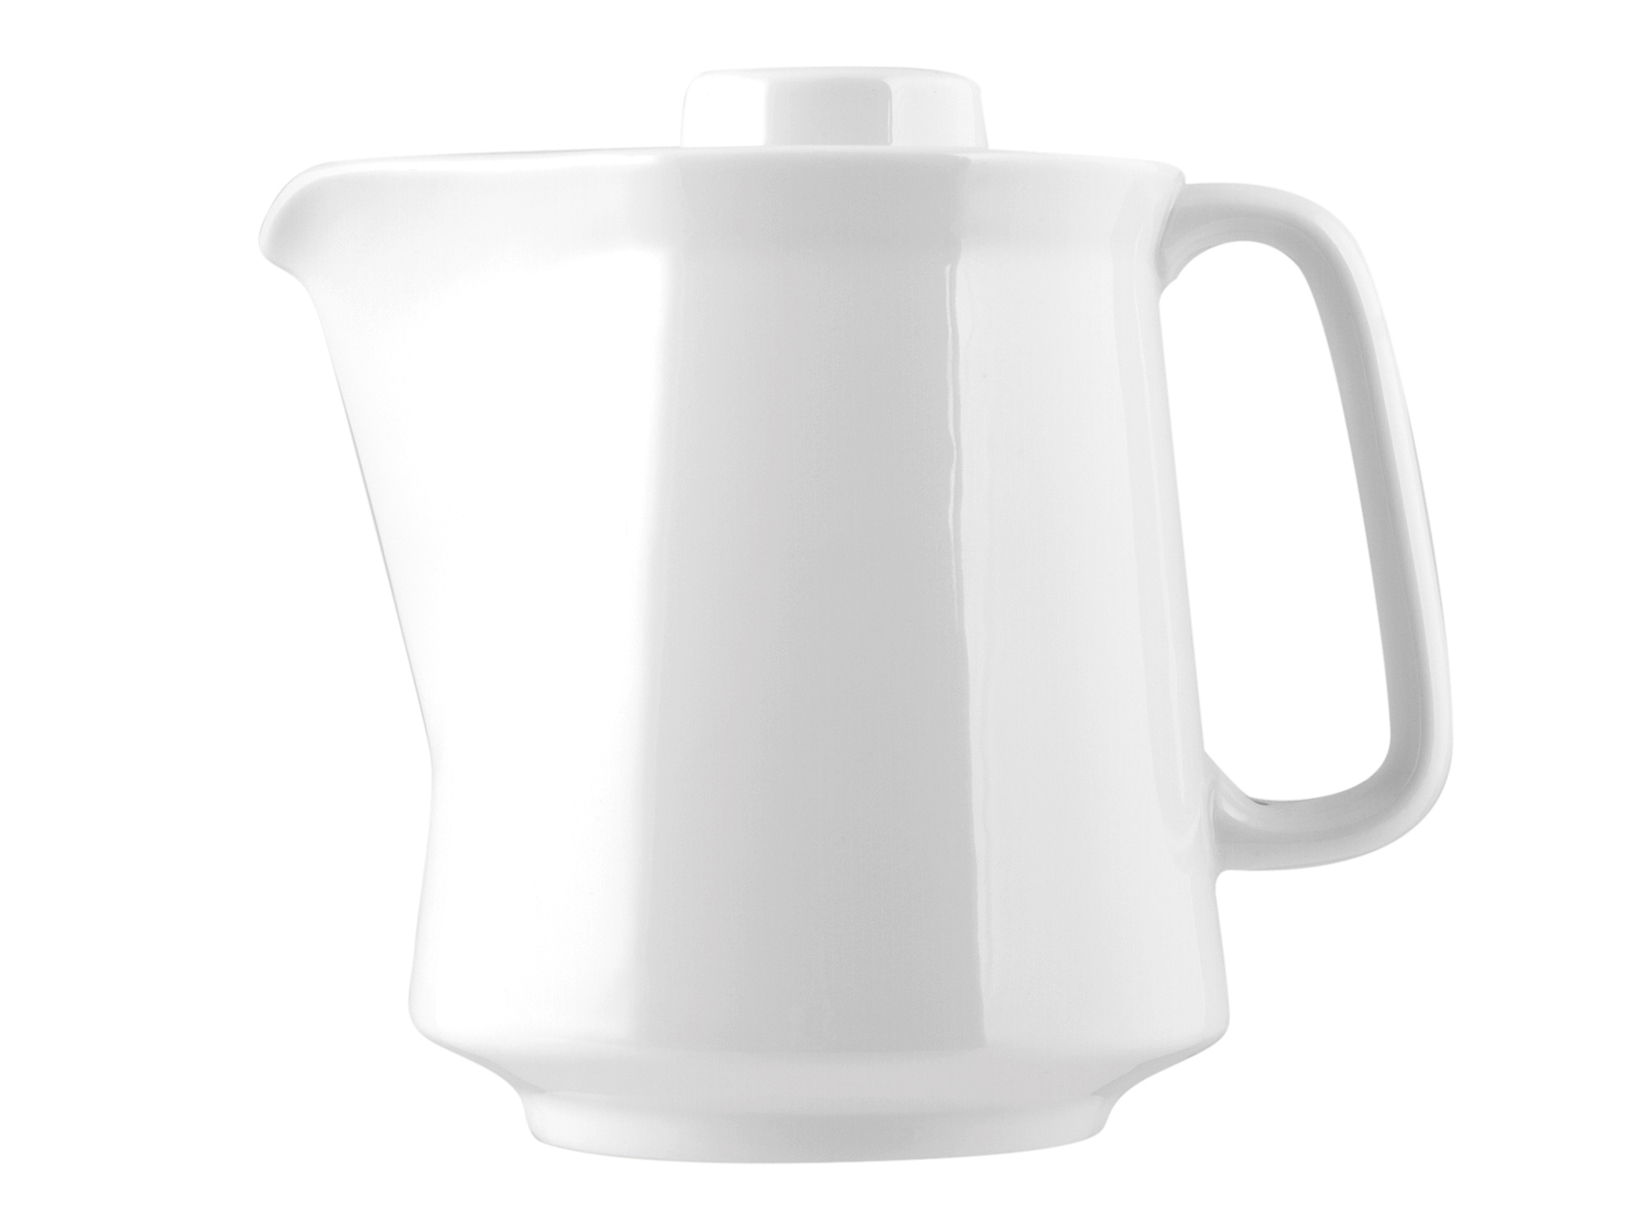 Caffettiera Porcellana Hel Bianco Lt 0,6        Kh